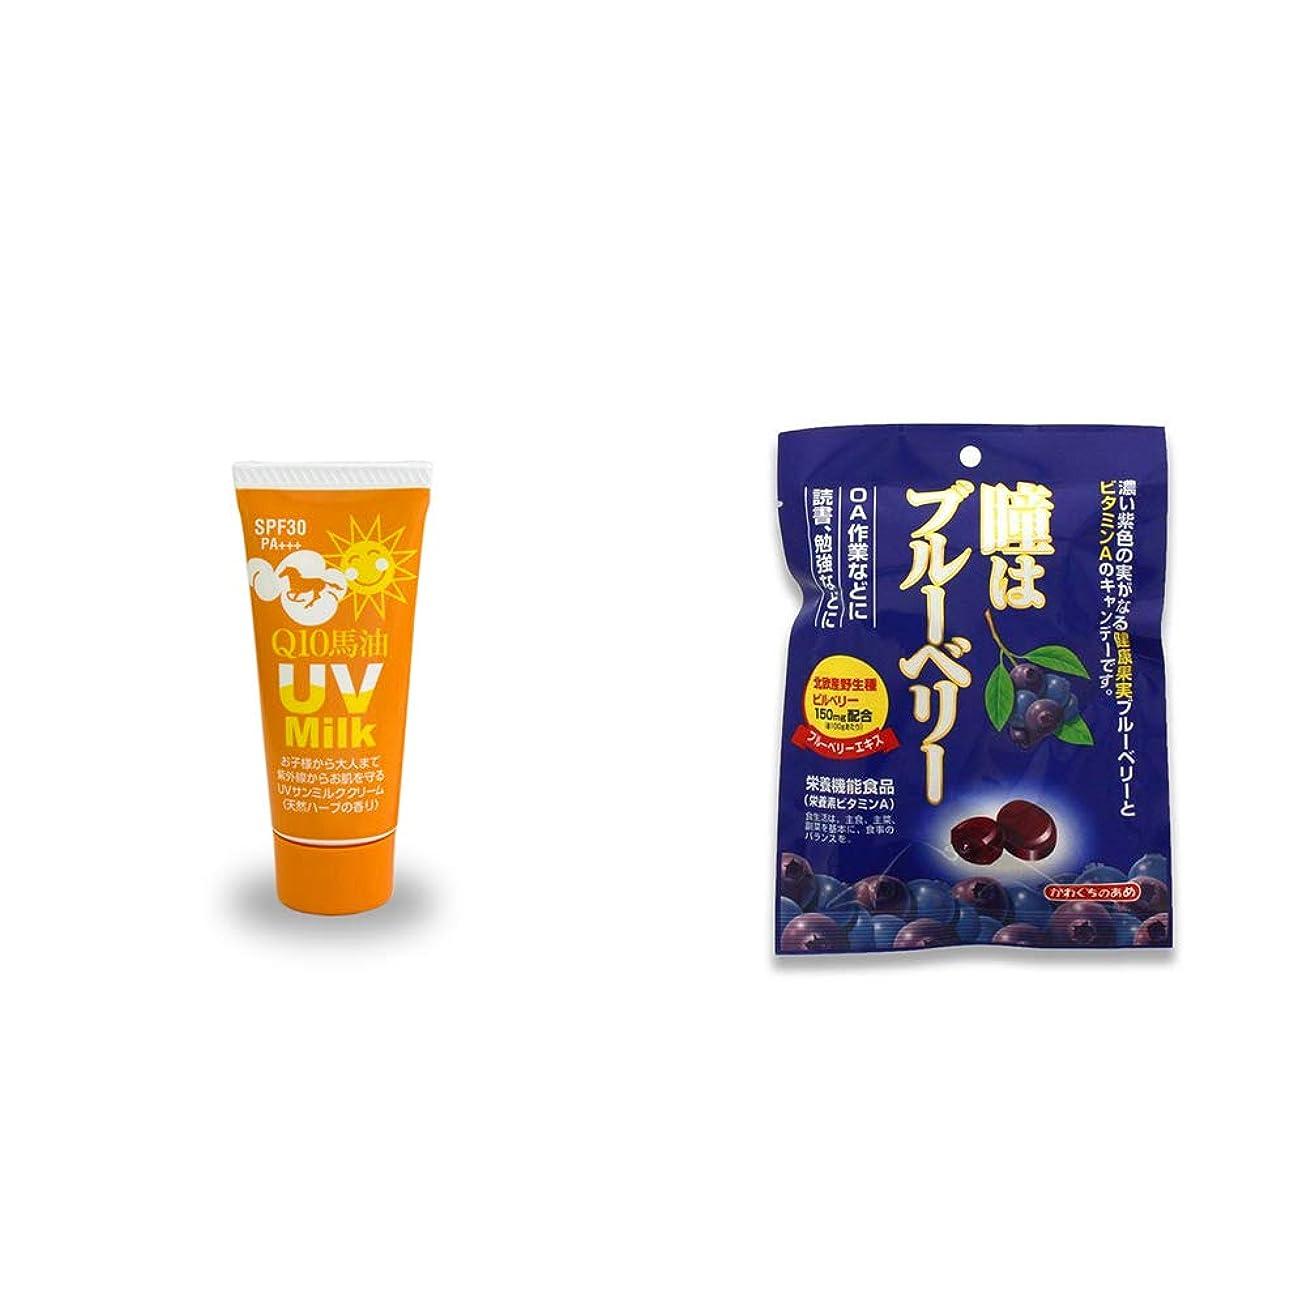 平和的いつも靴下[2点セット] 炭黒泉 Q10馬油 UVサンミルク[天然ハーブ](40g)?瞳はブルーベリー 健康機能食品[ビタミンA](100g)